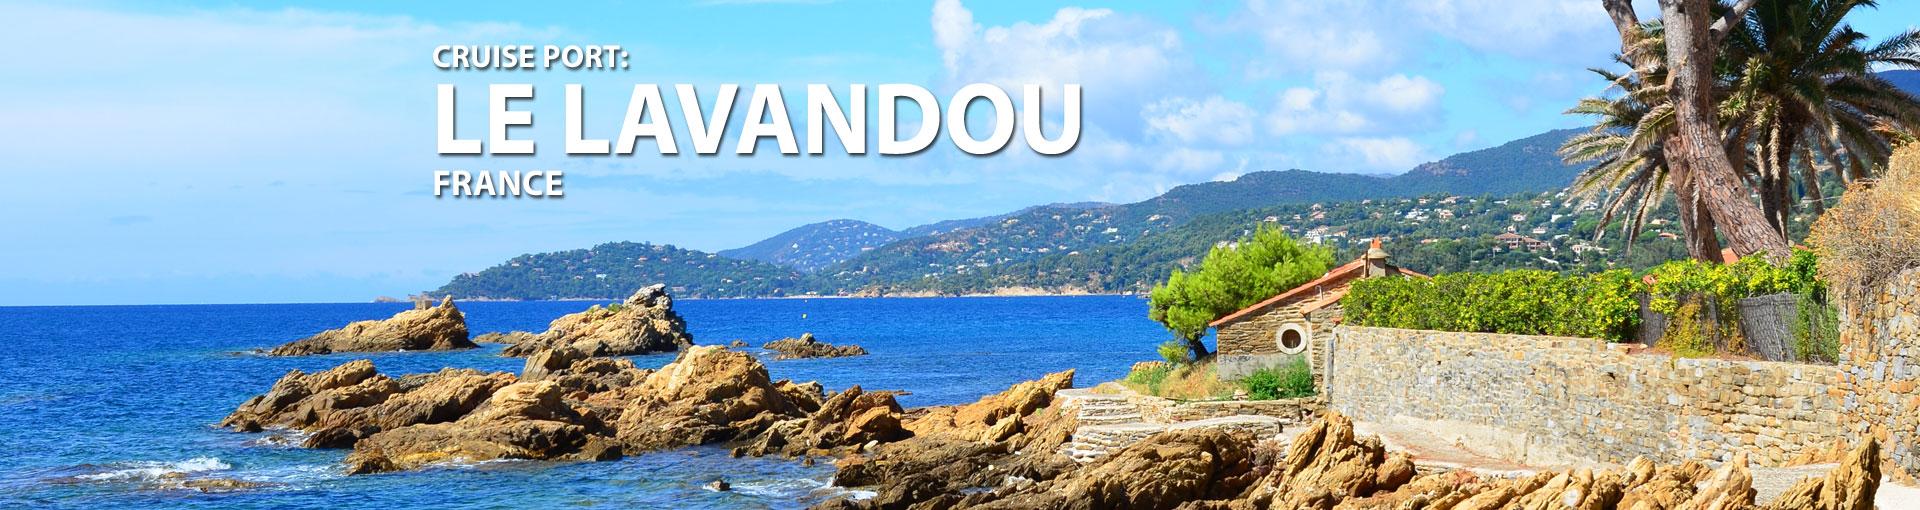 Cruises to Le Lavandou, France